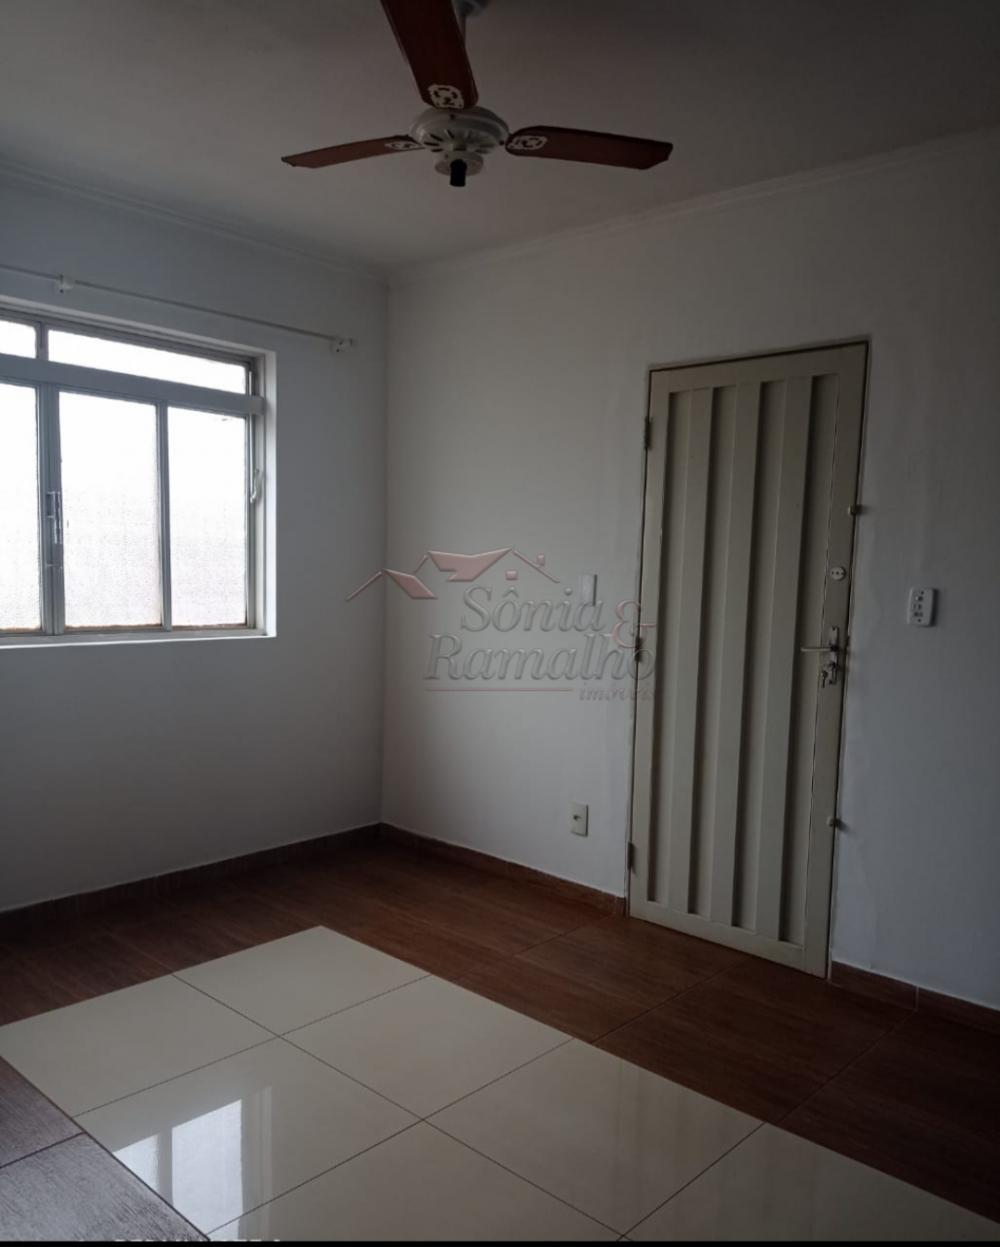 Comprar Apartamentos / Padrão em Ribeirão Preto R$ 195.000,00 - Foto 2